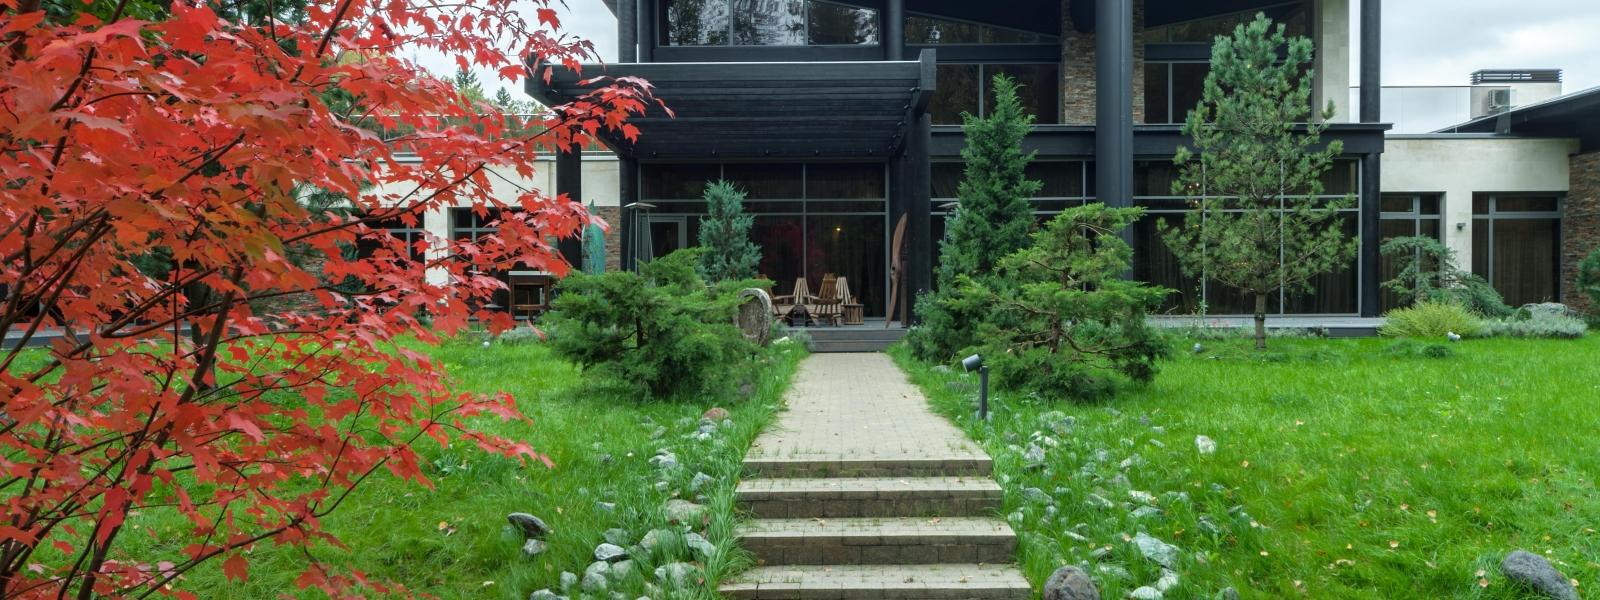 work-Индивидуальный жилой дом Wing house